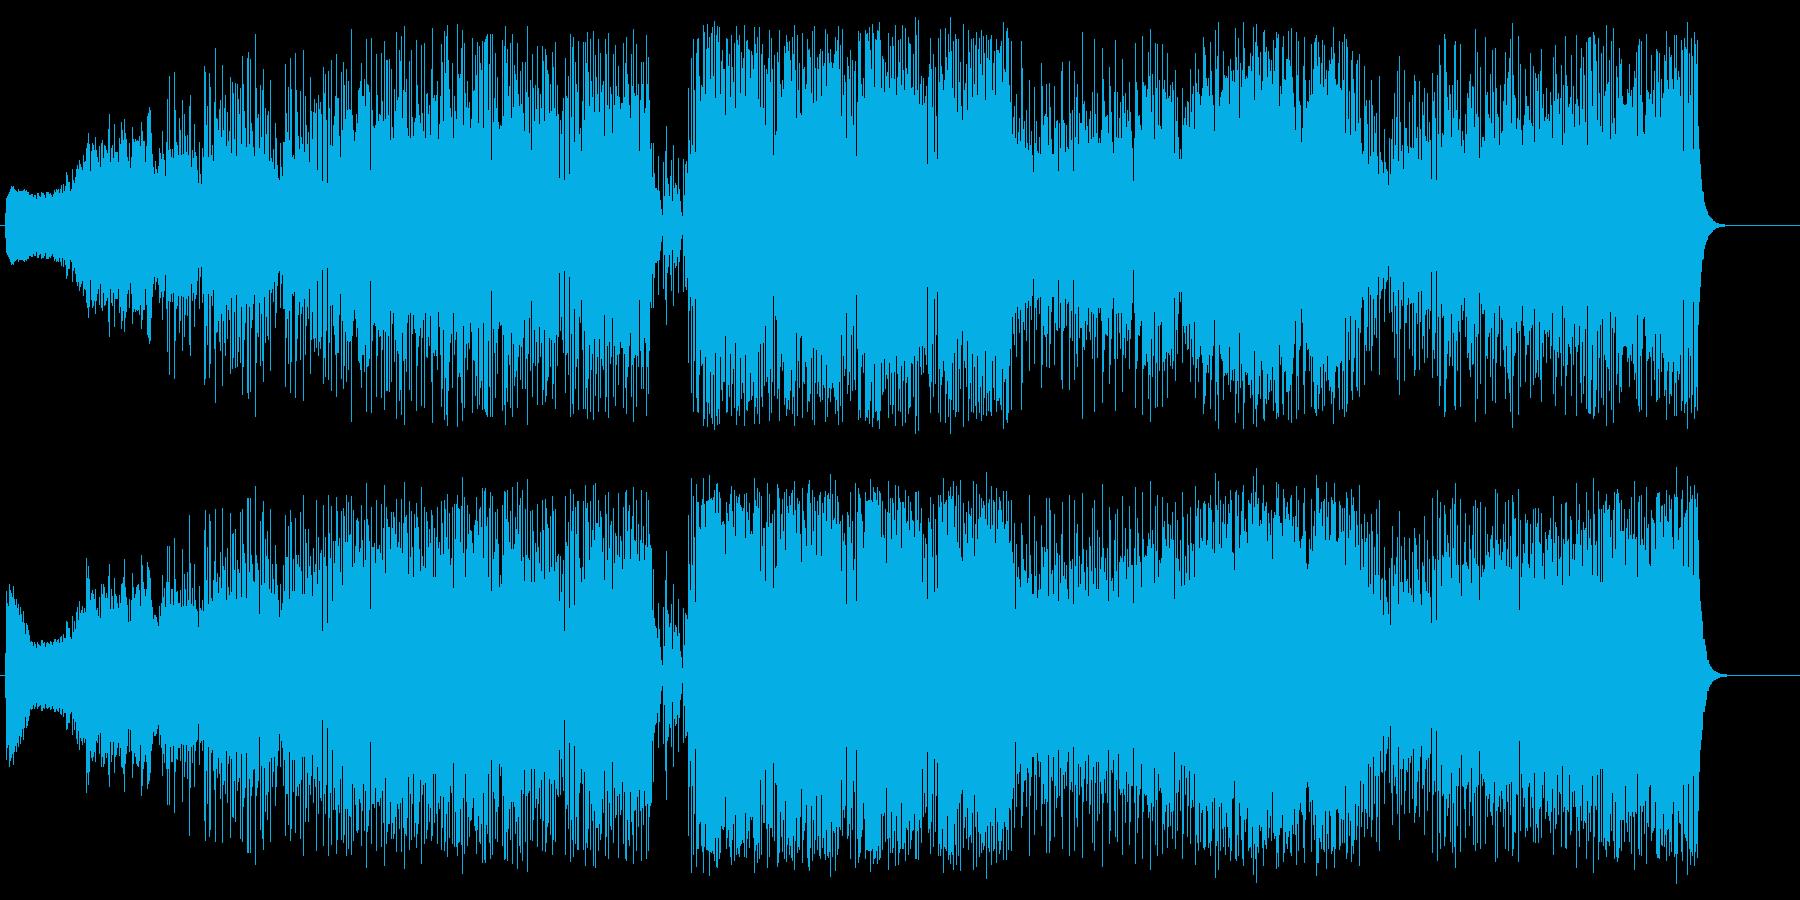 フュージョン、インテリジェットなポップスの再生済みの波形